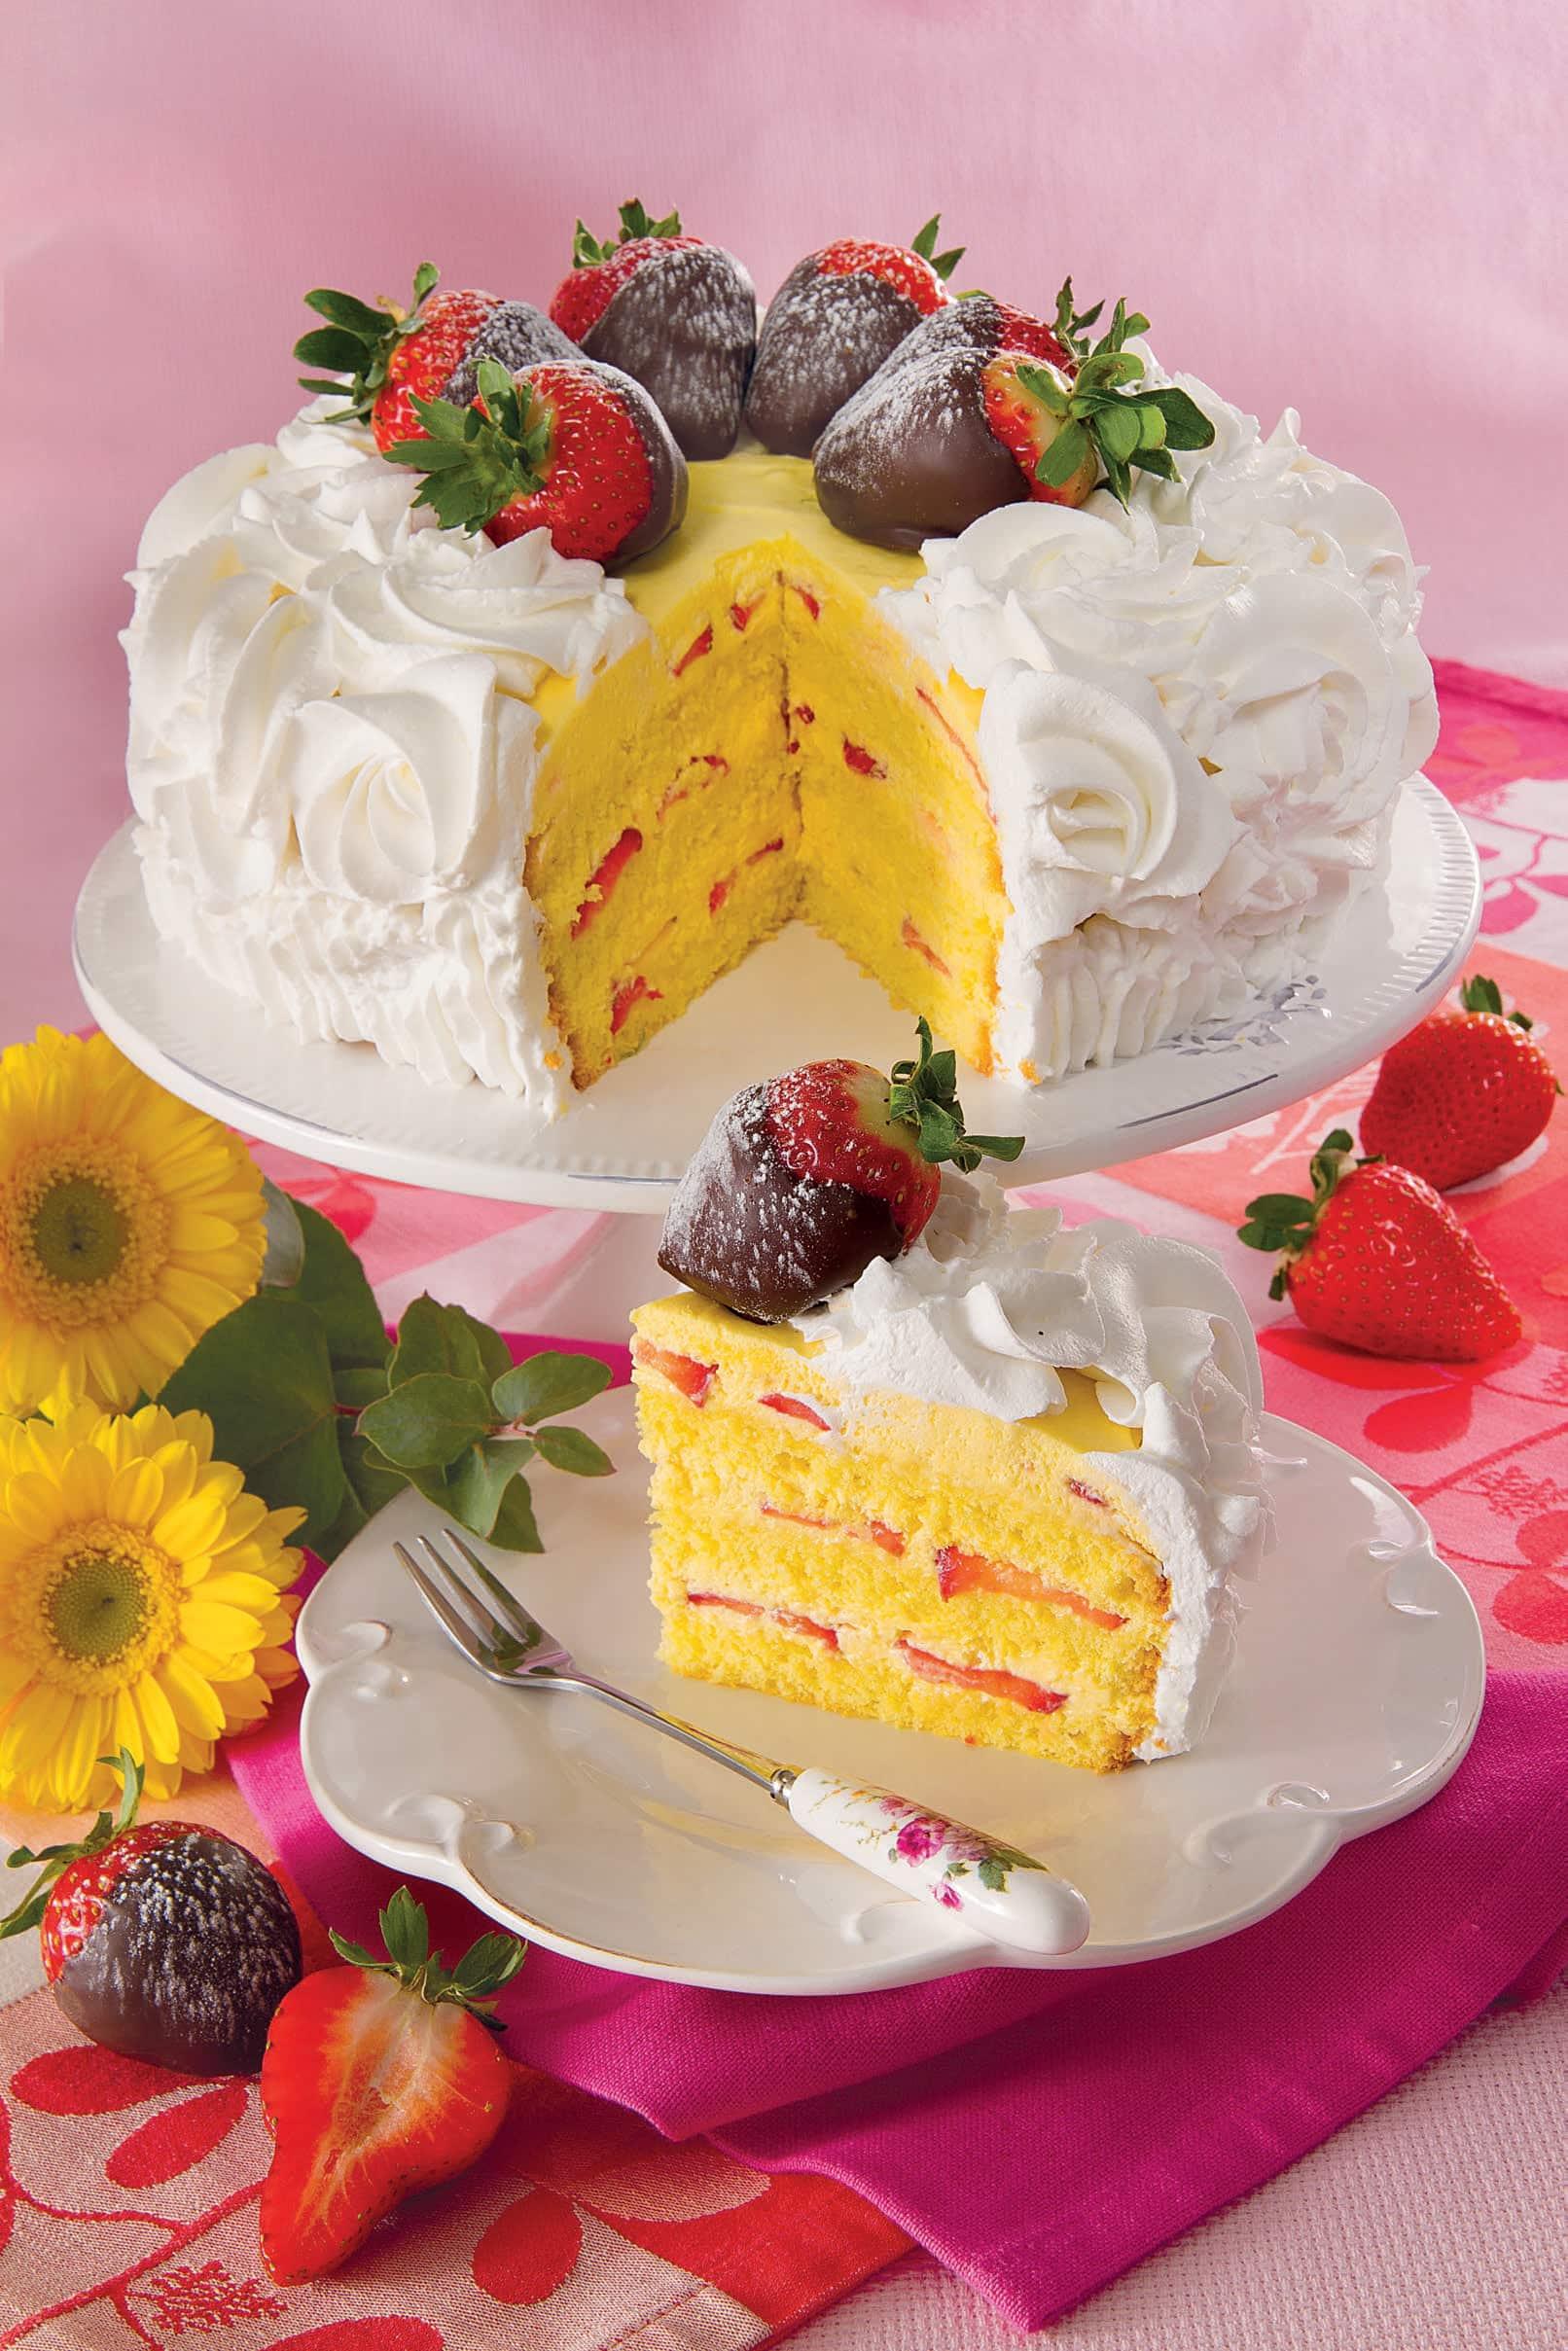 Per un compleanno o un anniversario, ci vuole una torta speciale! Prova la  ricetta di questo dessert farcito con crema e decorato con panna,  cioccolato e